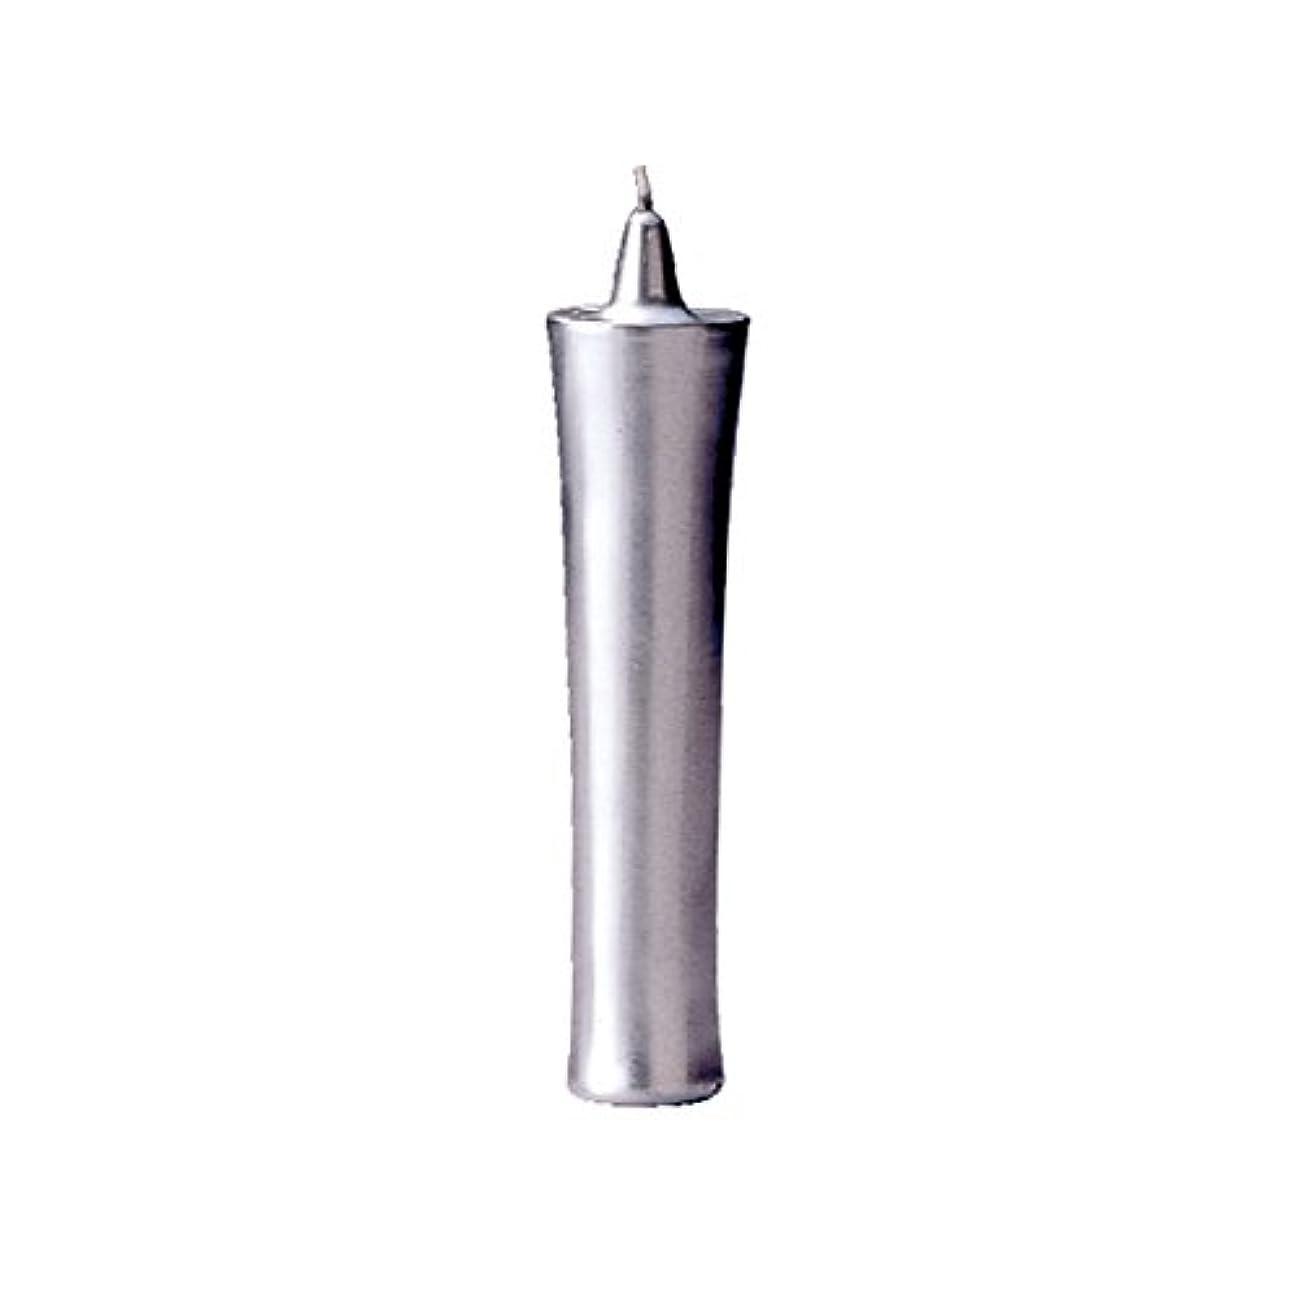 暴動真面目な単独でカメヤマ 和ロー型(C)銀 22cm (1セット)